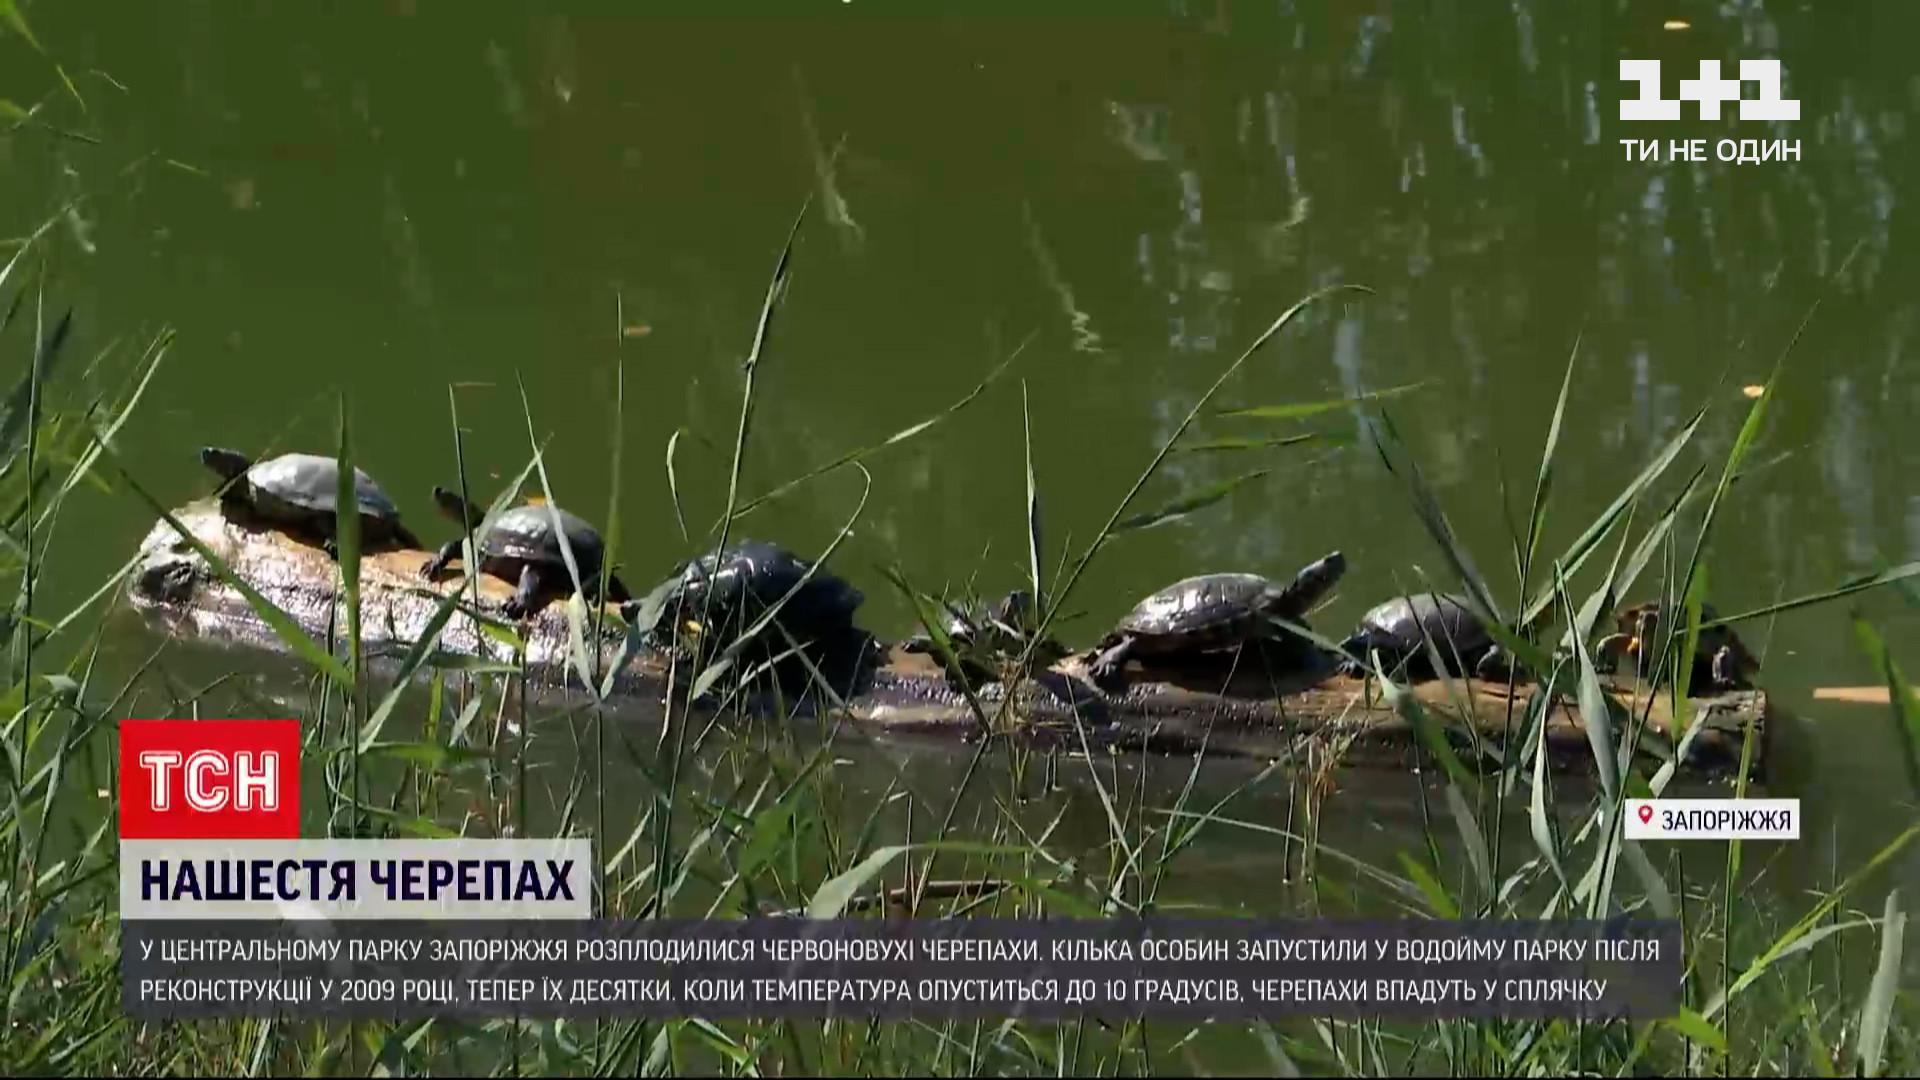 В парке Запорожья состоялось нашествие черепах